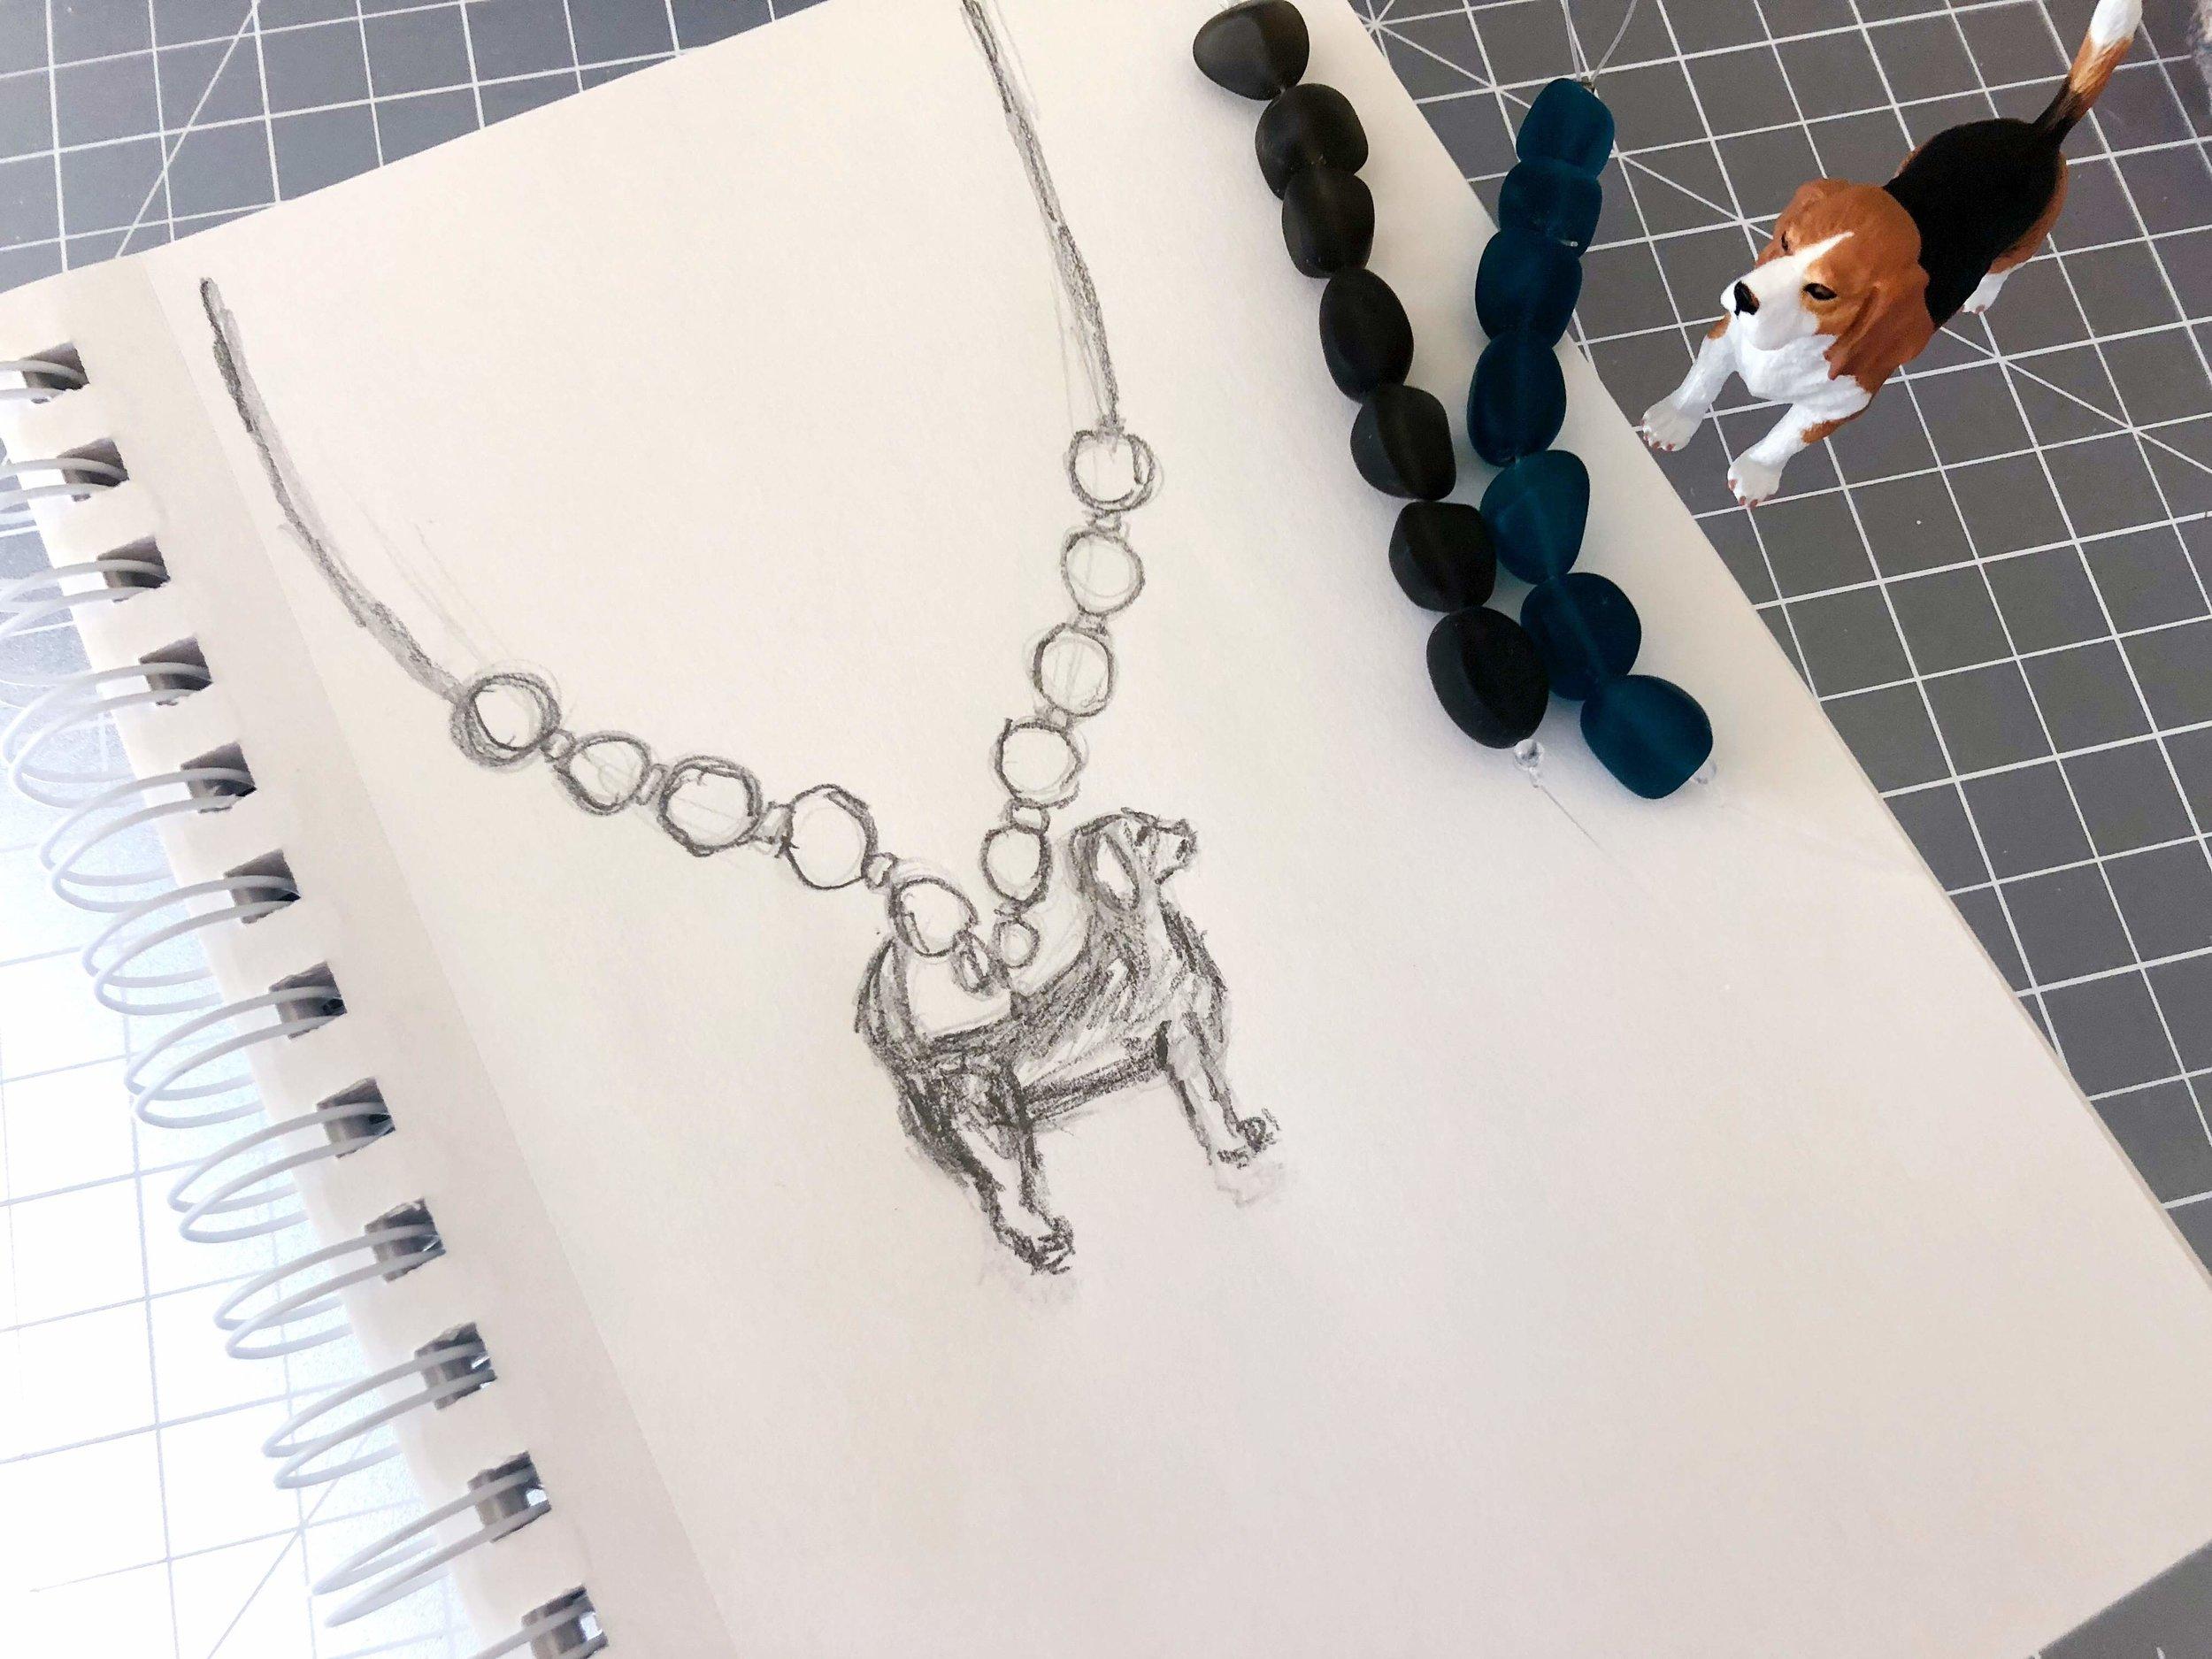 Beagle necklace idea 1